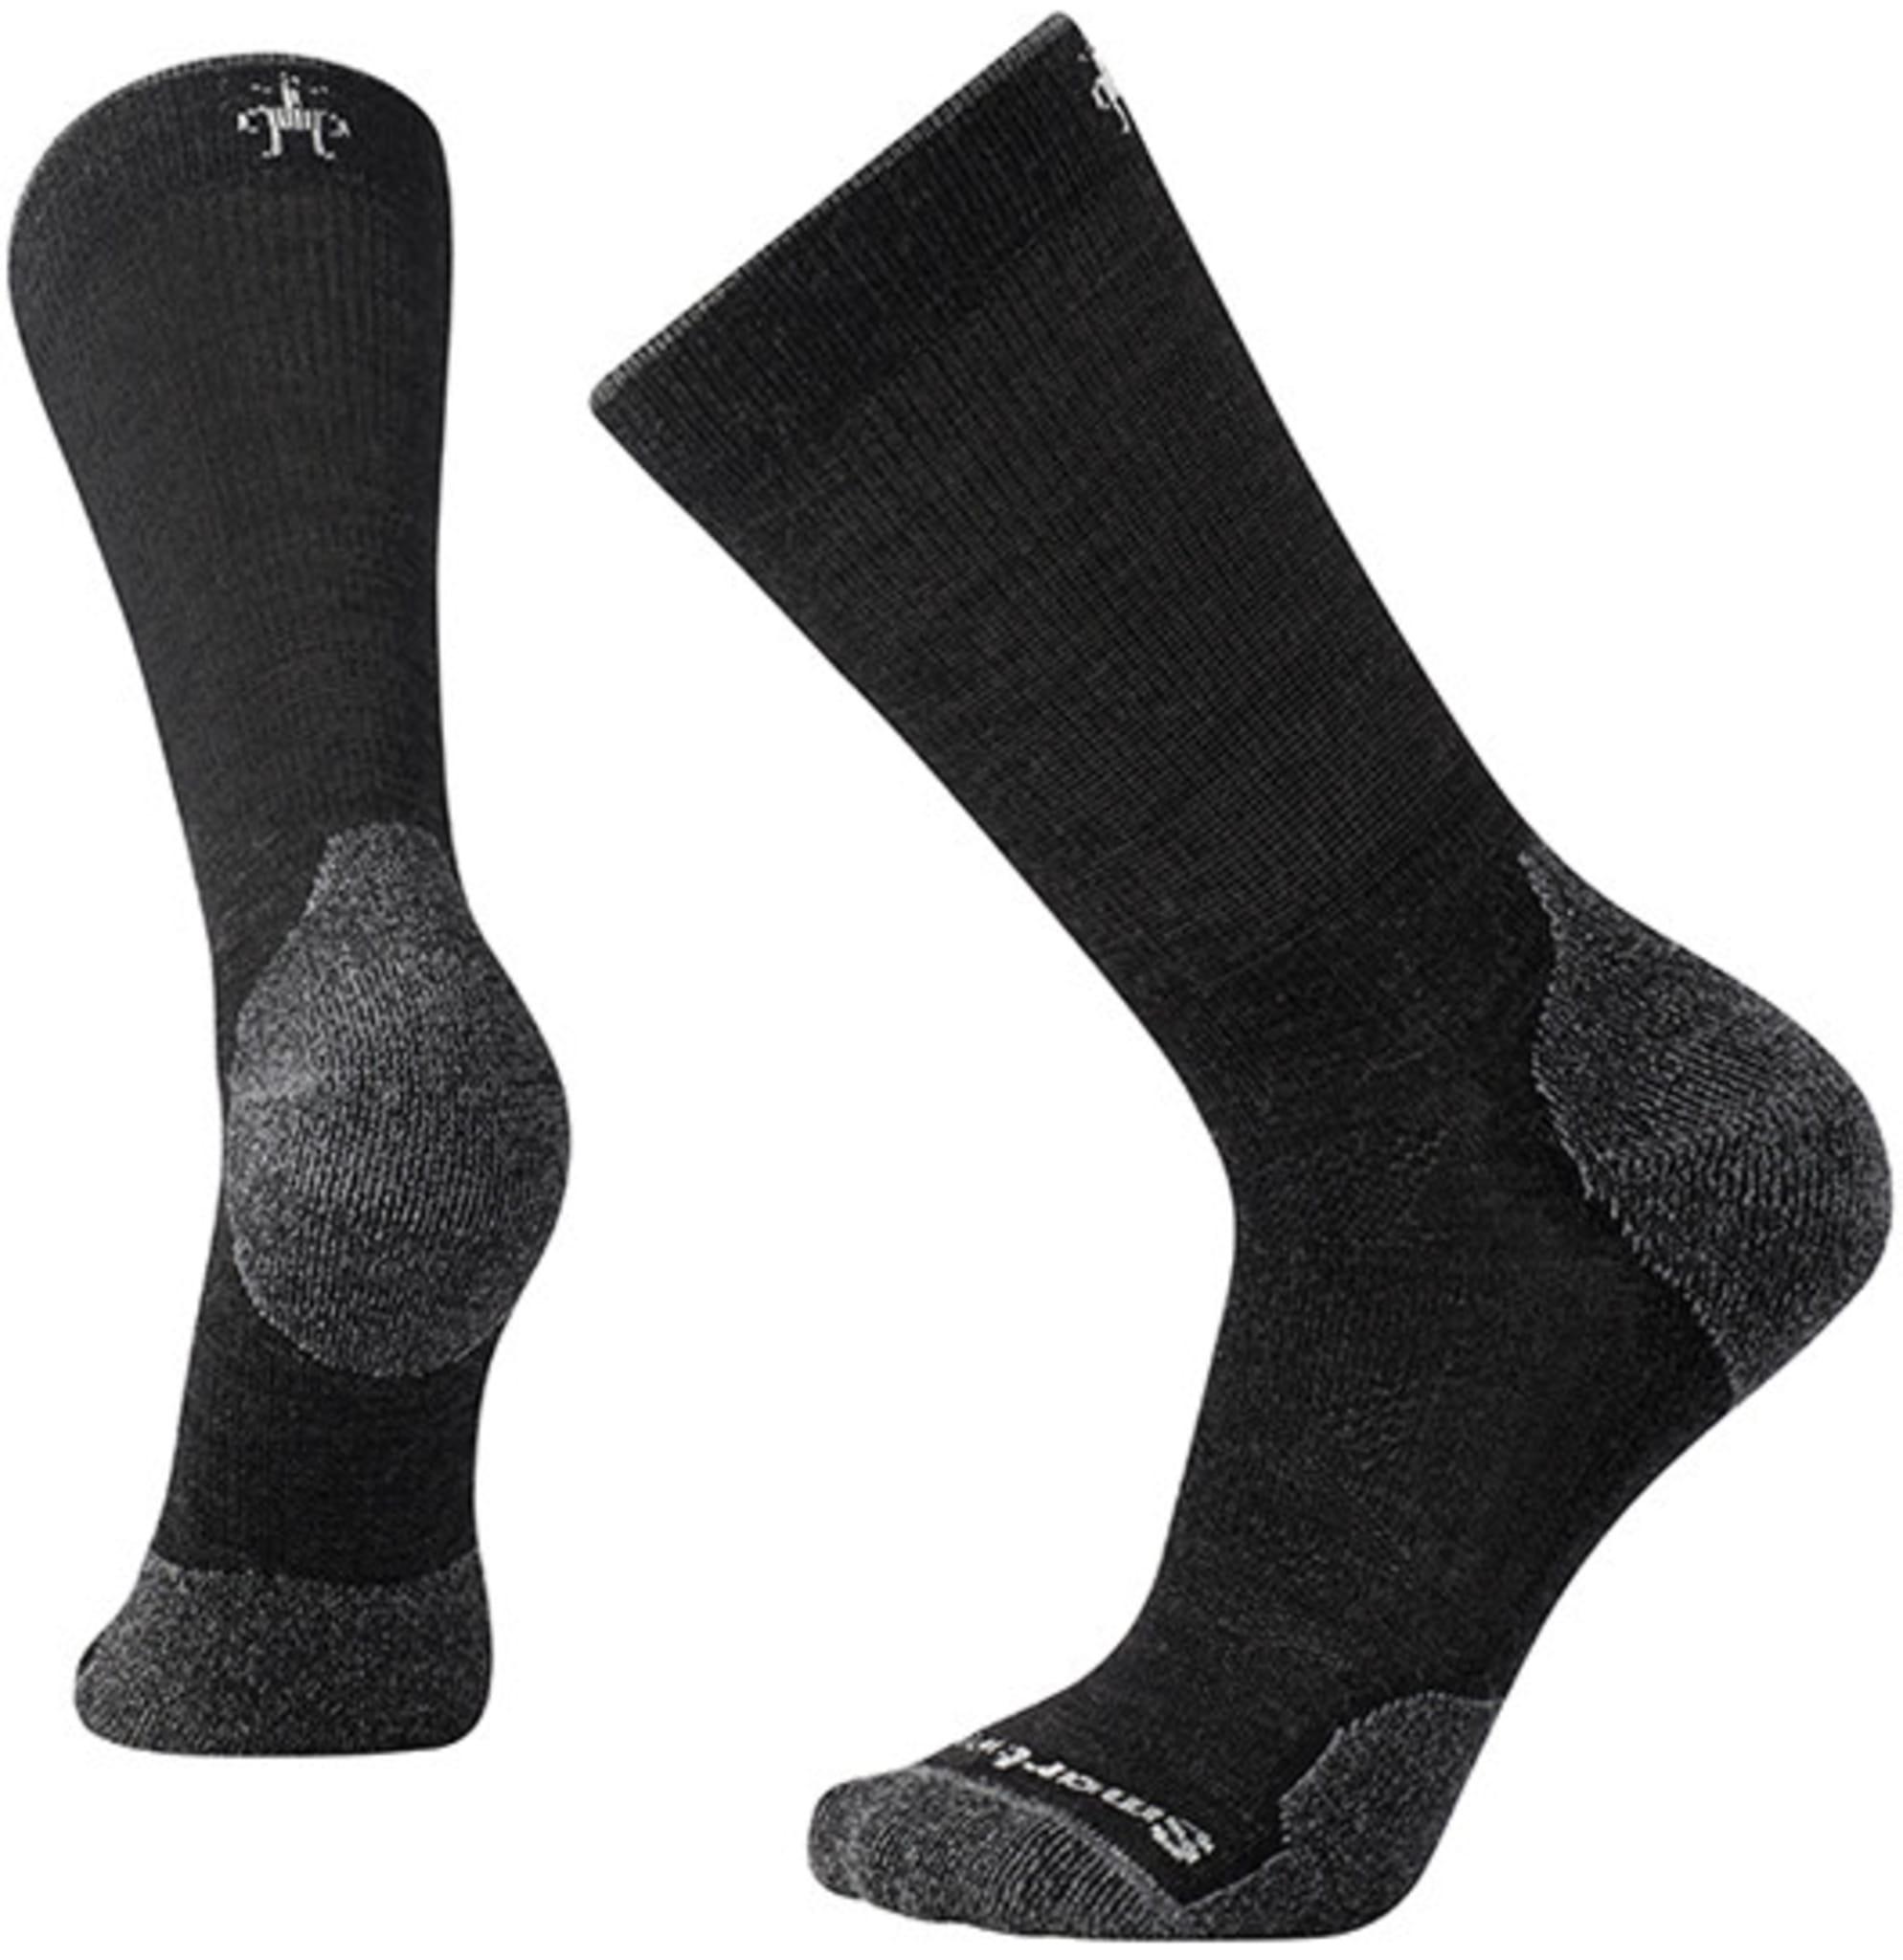 Komfortable og slitesterke sokker for alle eventyr!